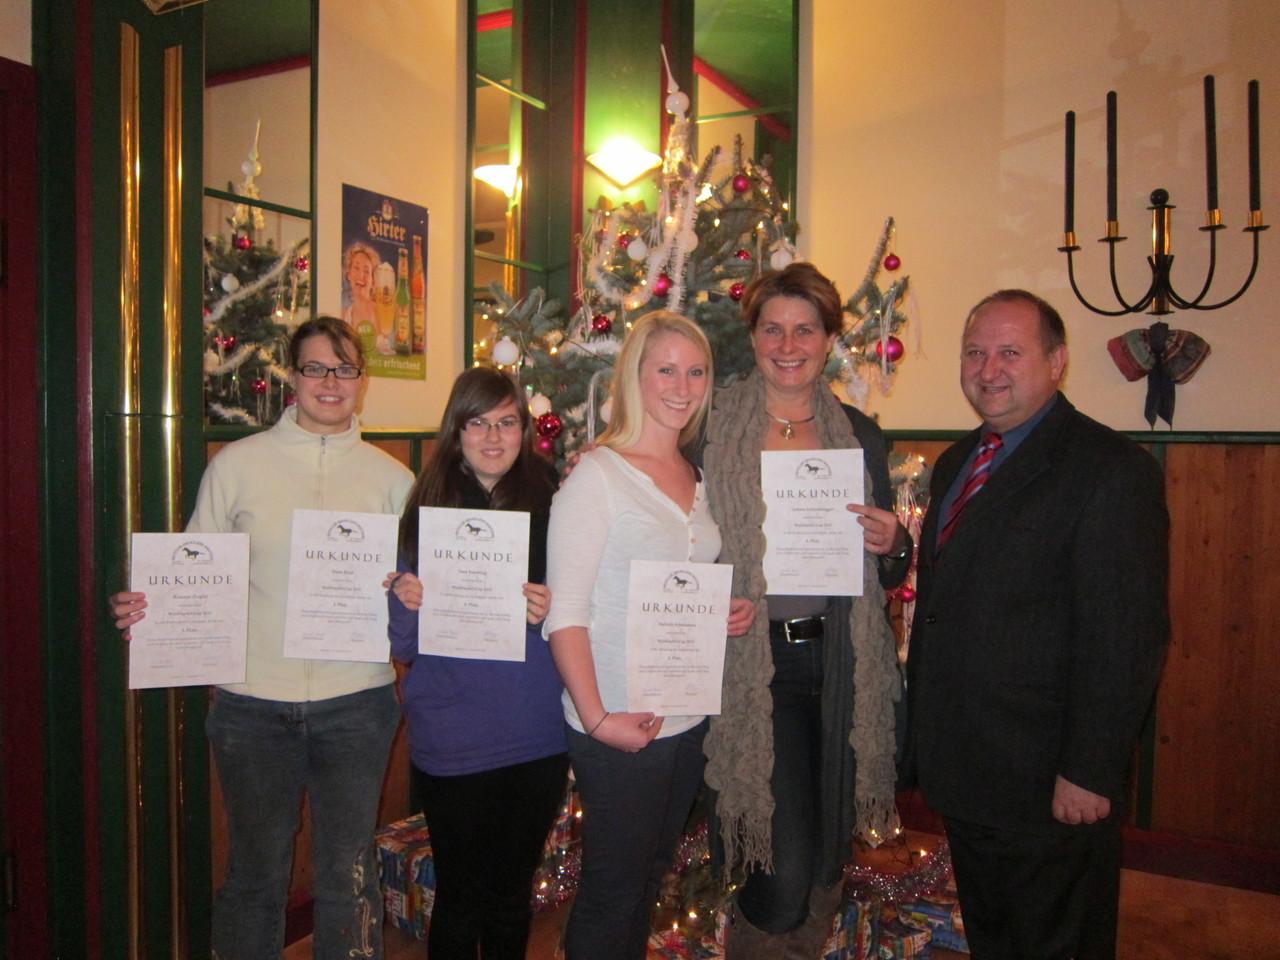 Doris Bind (auch stellvertretend für ihre Schwester Romana Ziegler), Sara Fasching, Stefanie Schwameis, Sabine Schindelegger und Obmann Manfred Wühl